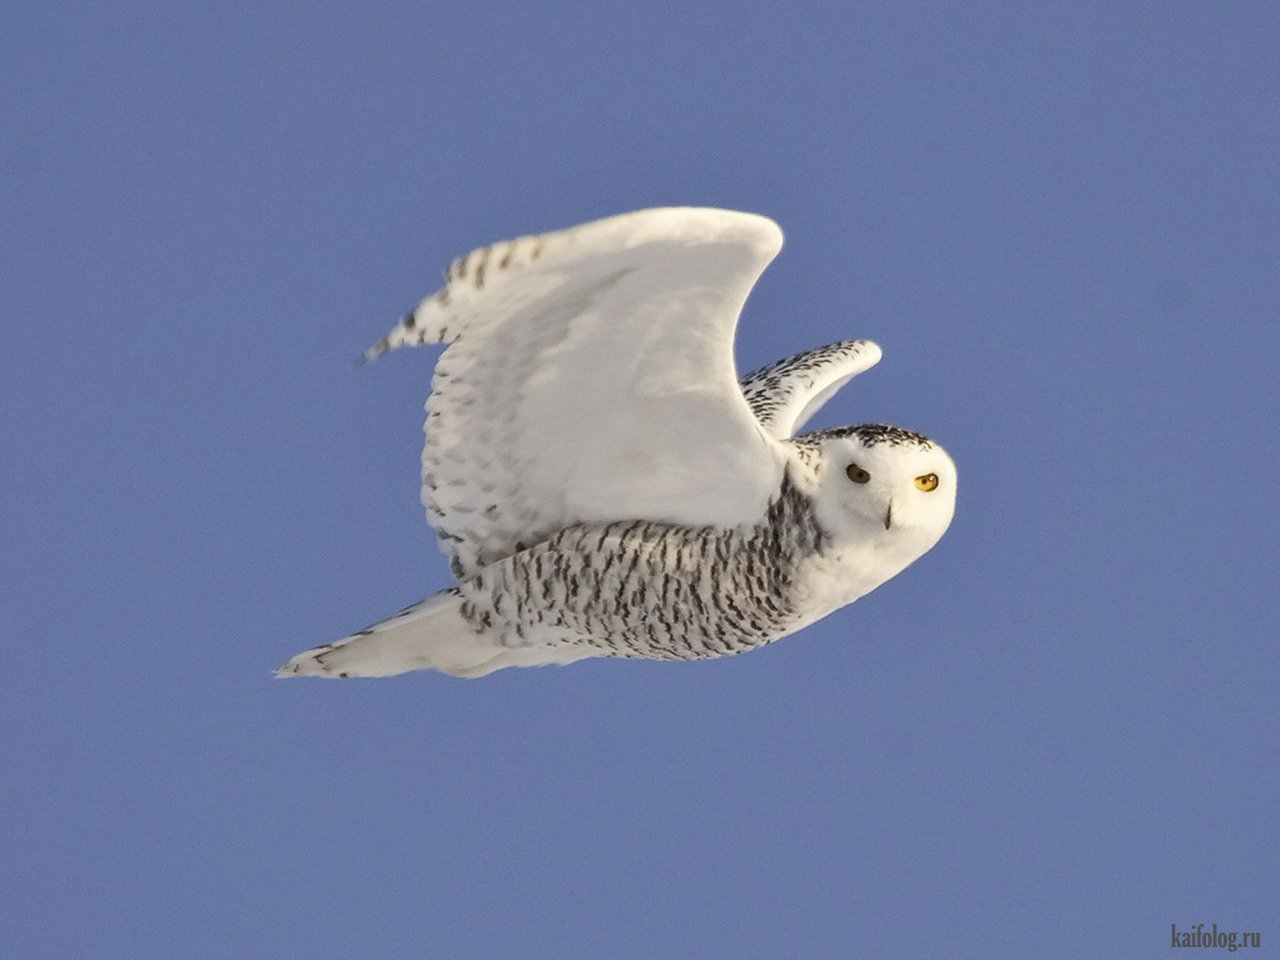 нас белая сова севера при приземлении фото каштан